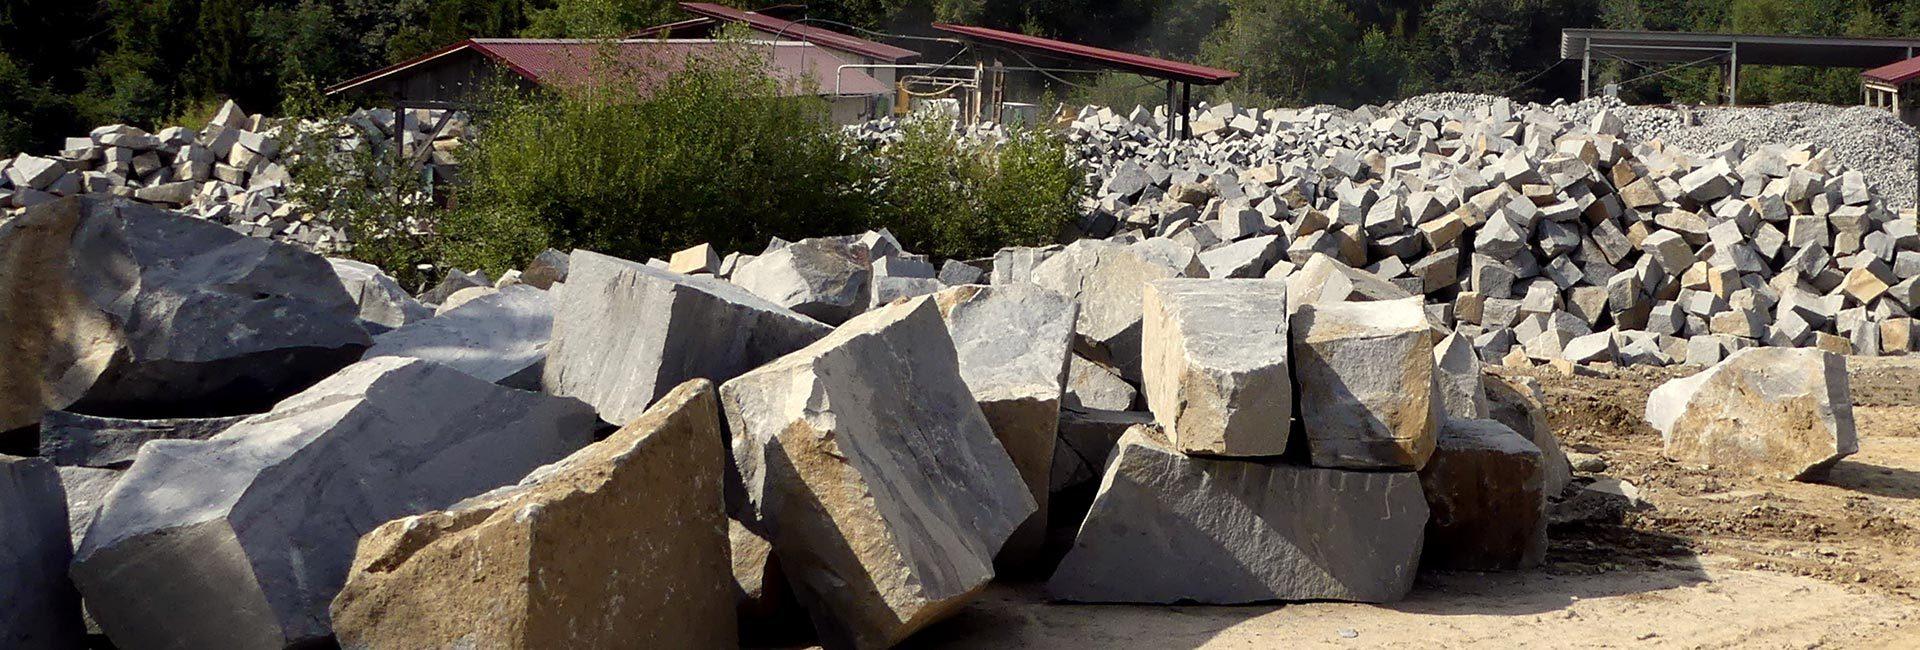 Pflastersteine im Steinbruch